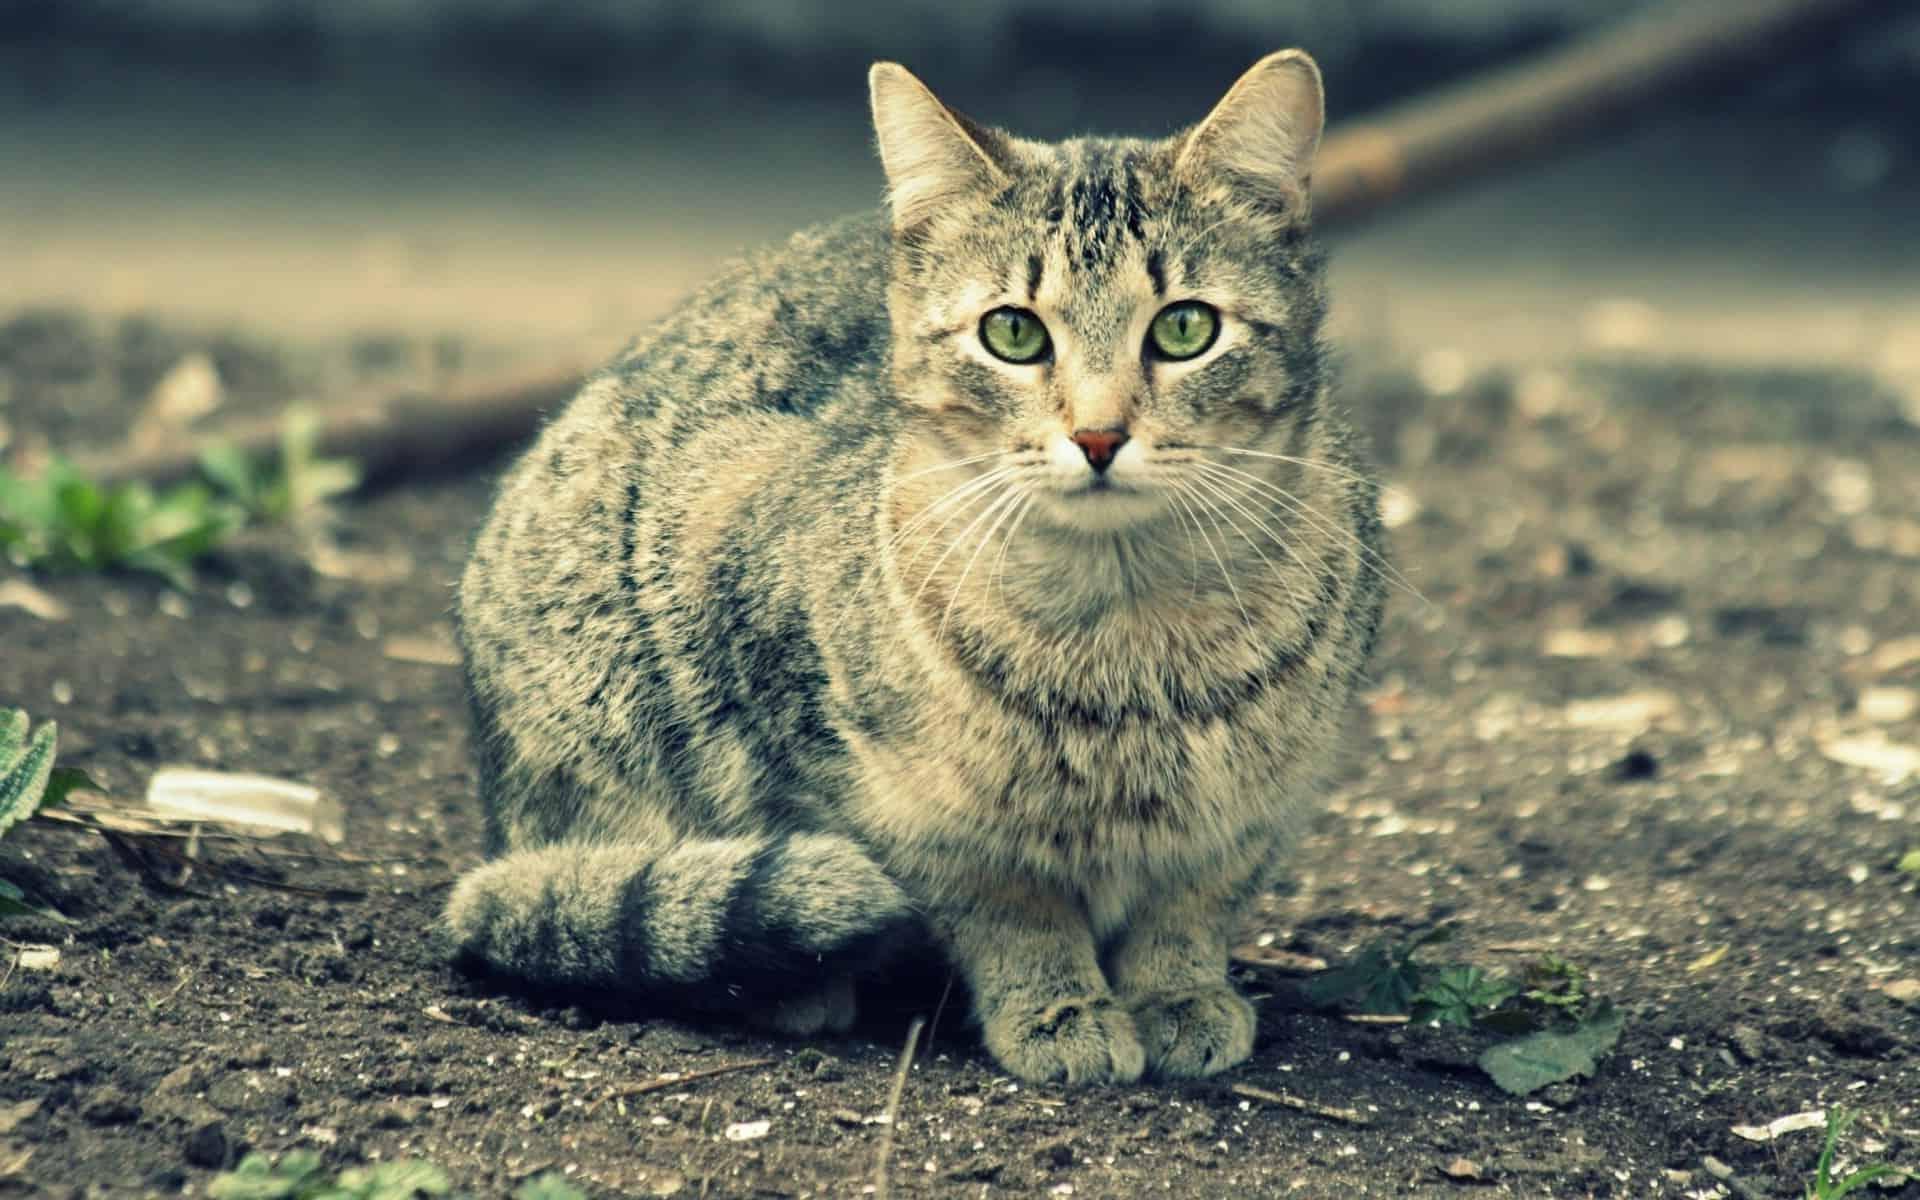 هل ترى القطط اشياء لا نراها